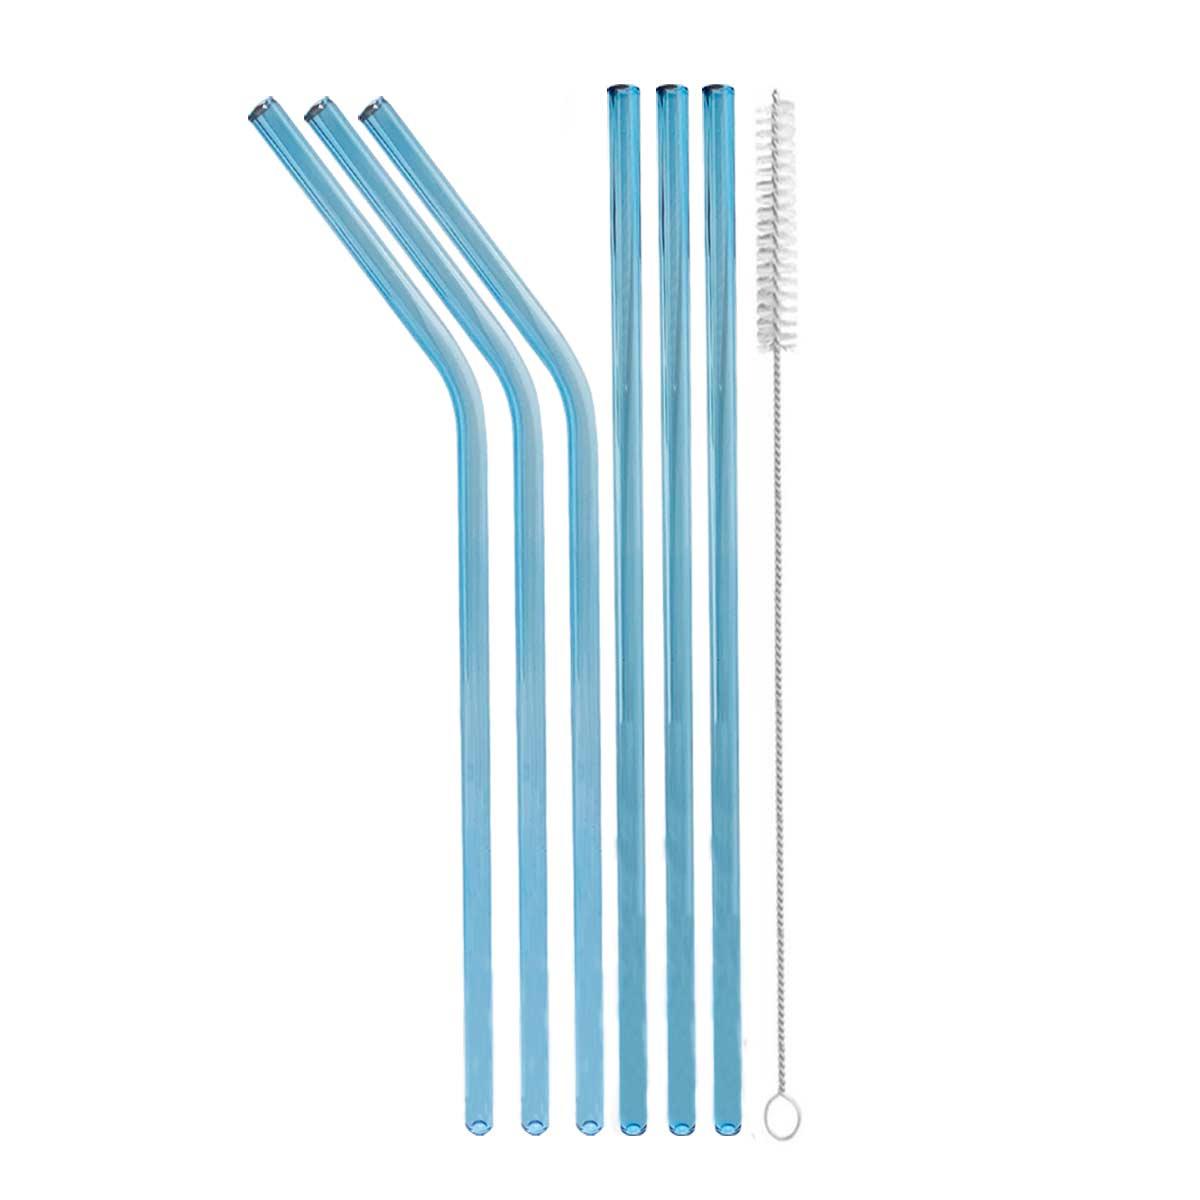 Kit 6 Canudos de Vidro Cloridos Shake 6mm + escova para limpeza